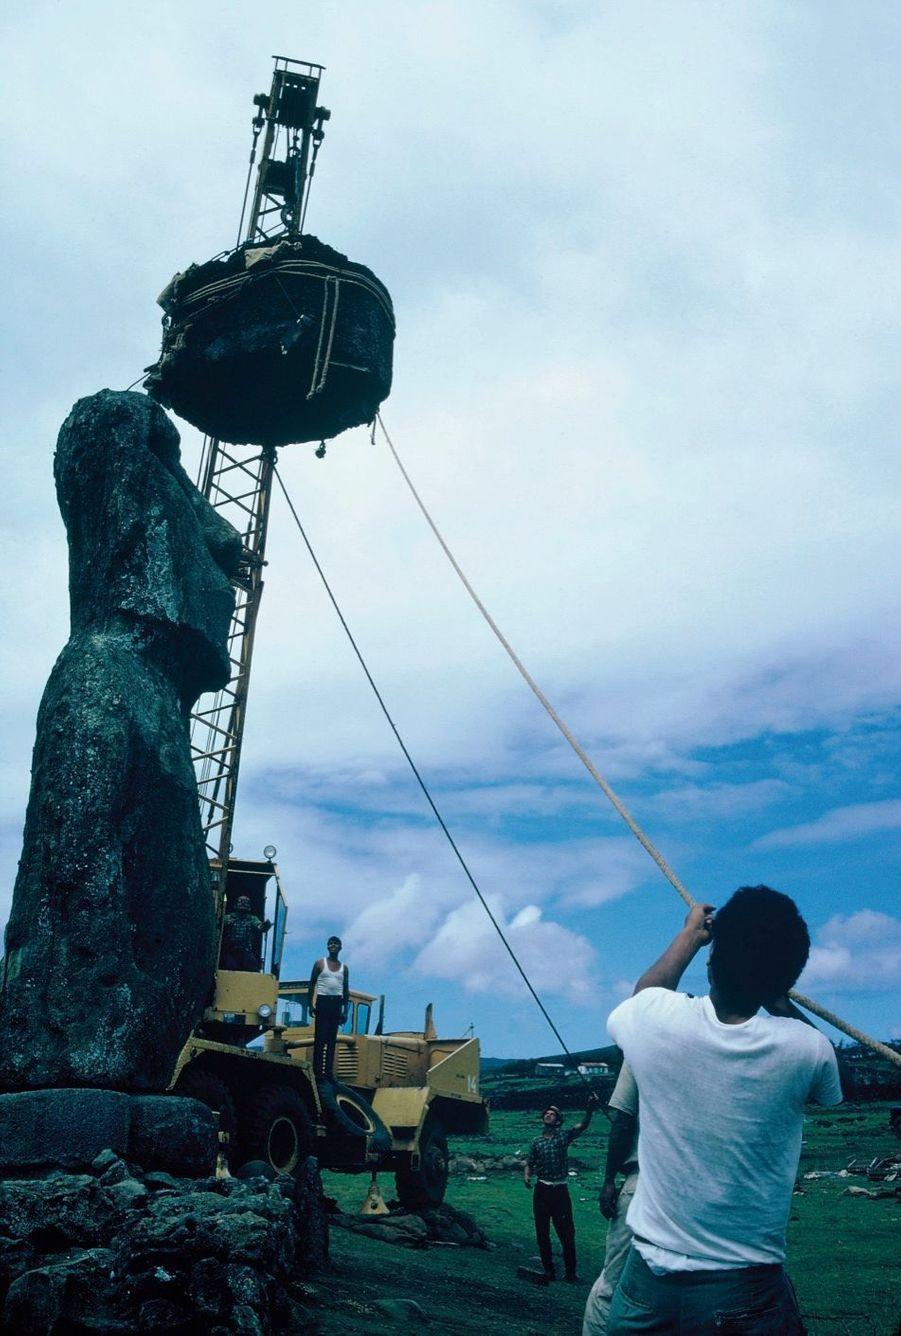 1968, sur le site de Tahai. Avec l'aide d'ouvriers chiliens présents sur le chantier de l'aéroport, l'équipe de Match avait œuvré pour relever cette statue couchée sur l'herbe. Et demandé à un artisan local de lui confectionner une nouvelle coiffe, la sienne ayant été brisée.